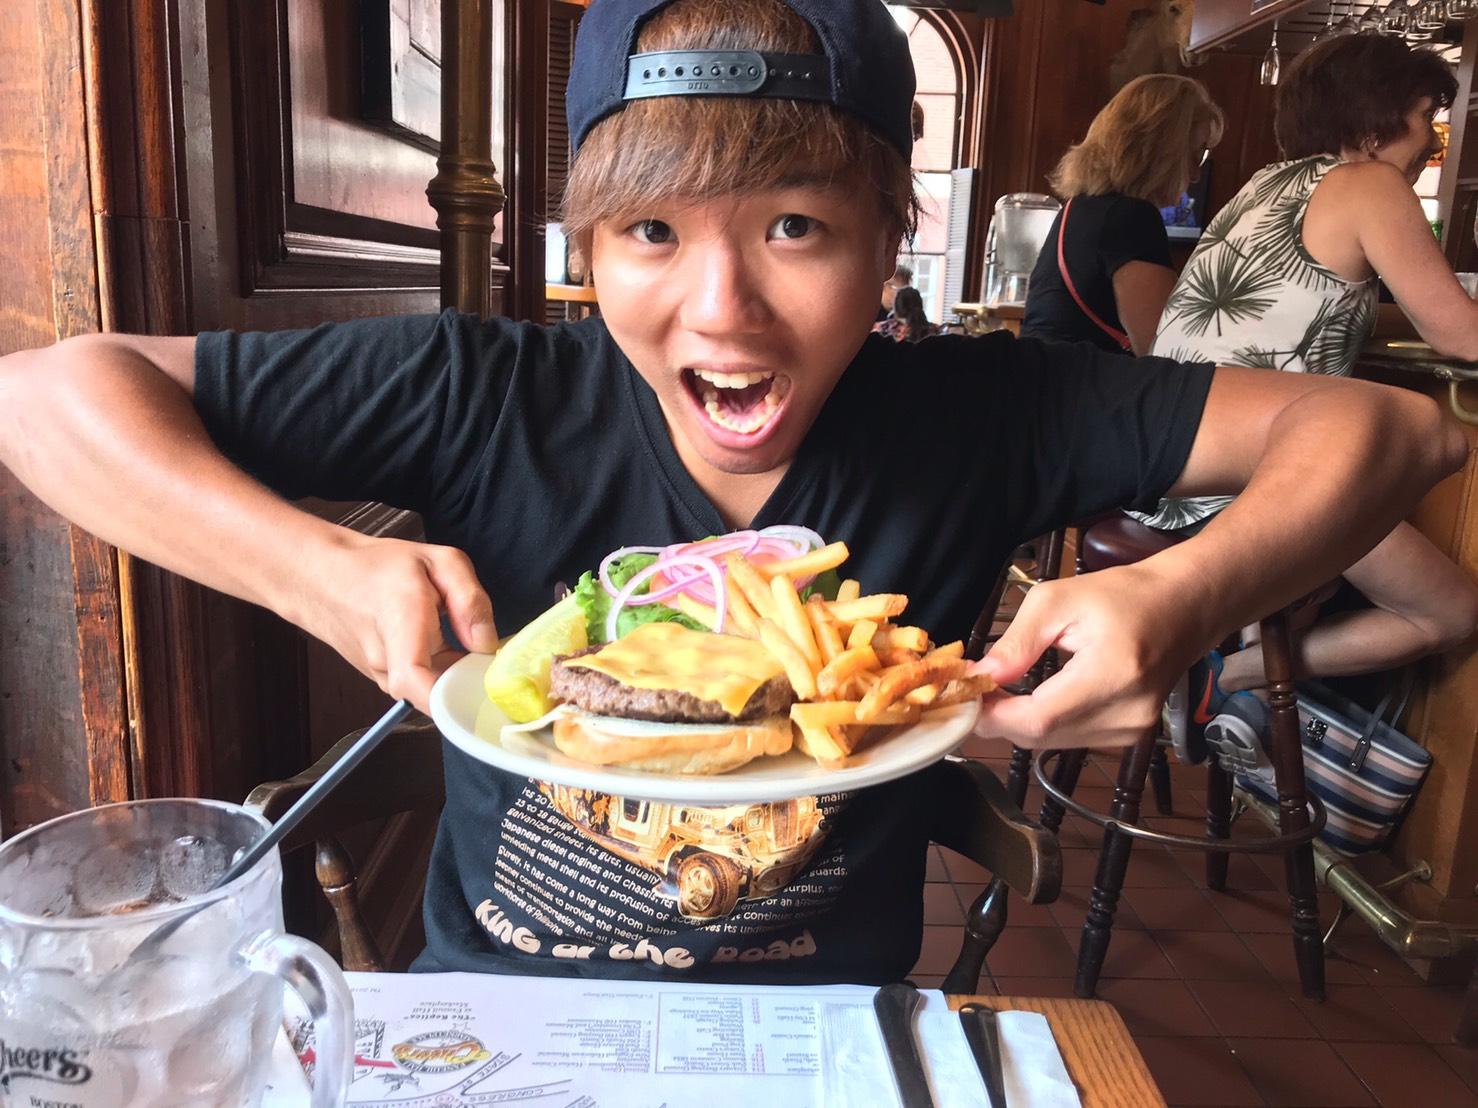 アメリカ横断中にボストンでハンバーガーを食べた写真